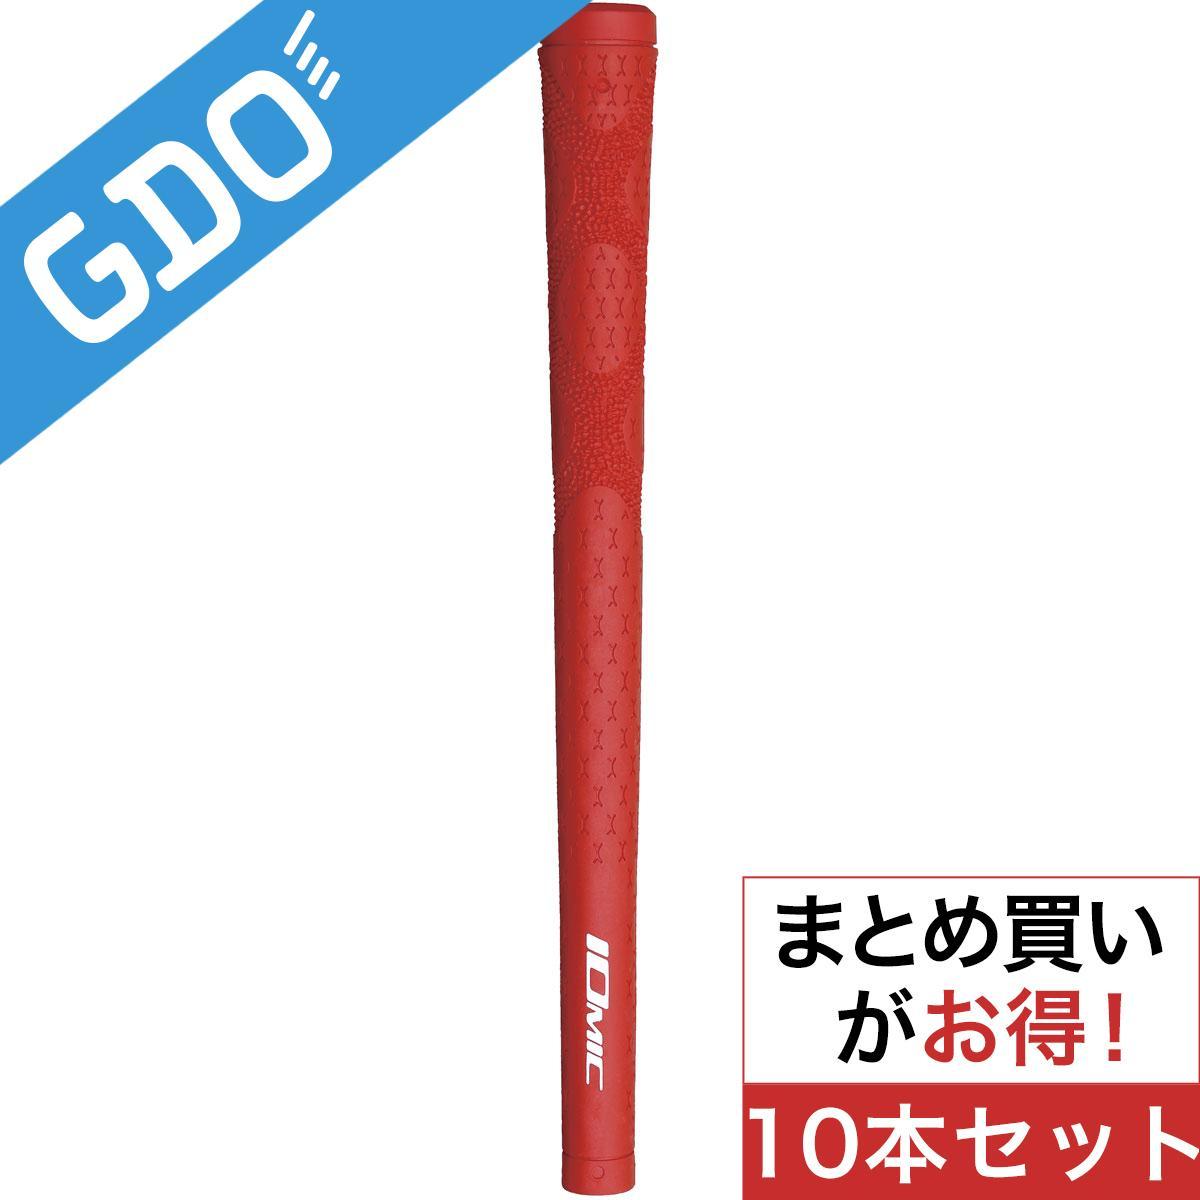 イオミック IOMIC LTC i Xx1.8 グリップ 10本セット[ゴルフ用品 ゴルフ ボール ゴルフボール golf gdo プレゼント ギフト 通販 ]